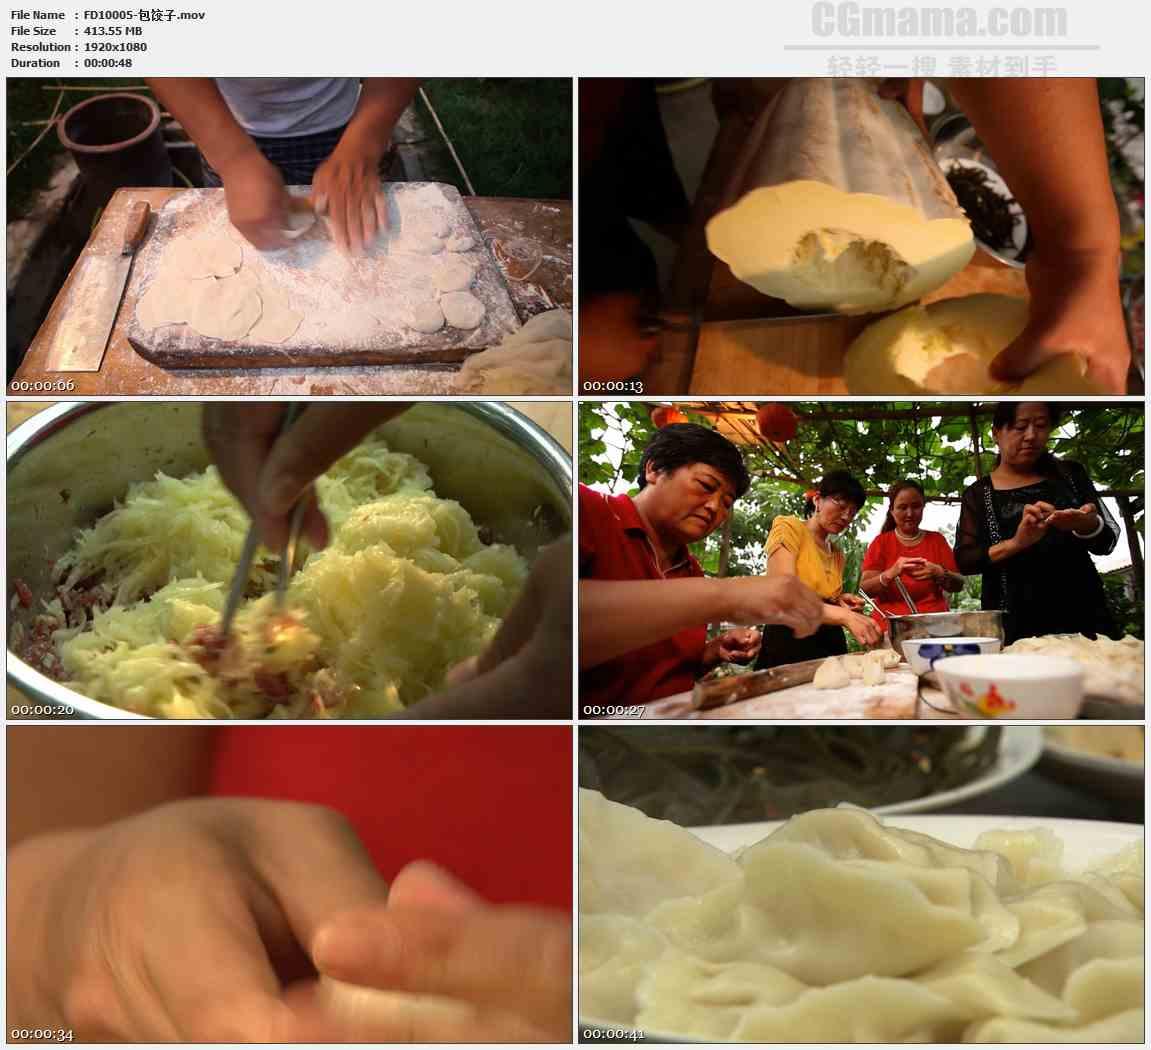 FD10005-一家人其乐融融擀皮擦瓜调馅包饺子高清实拍视频素材